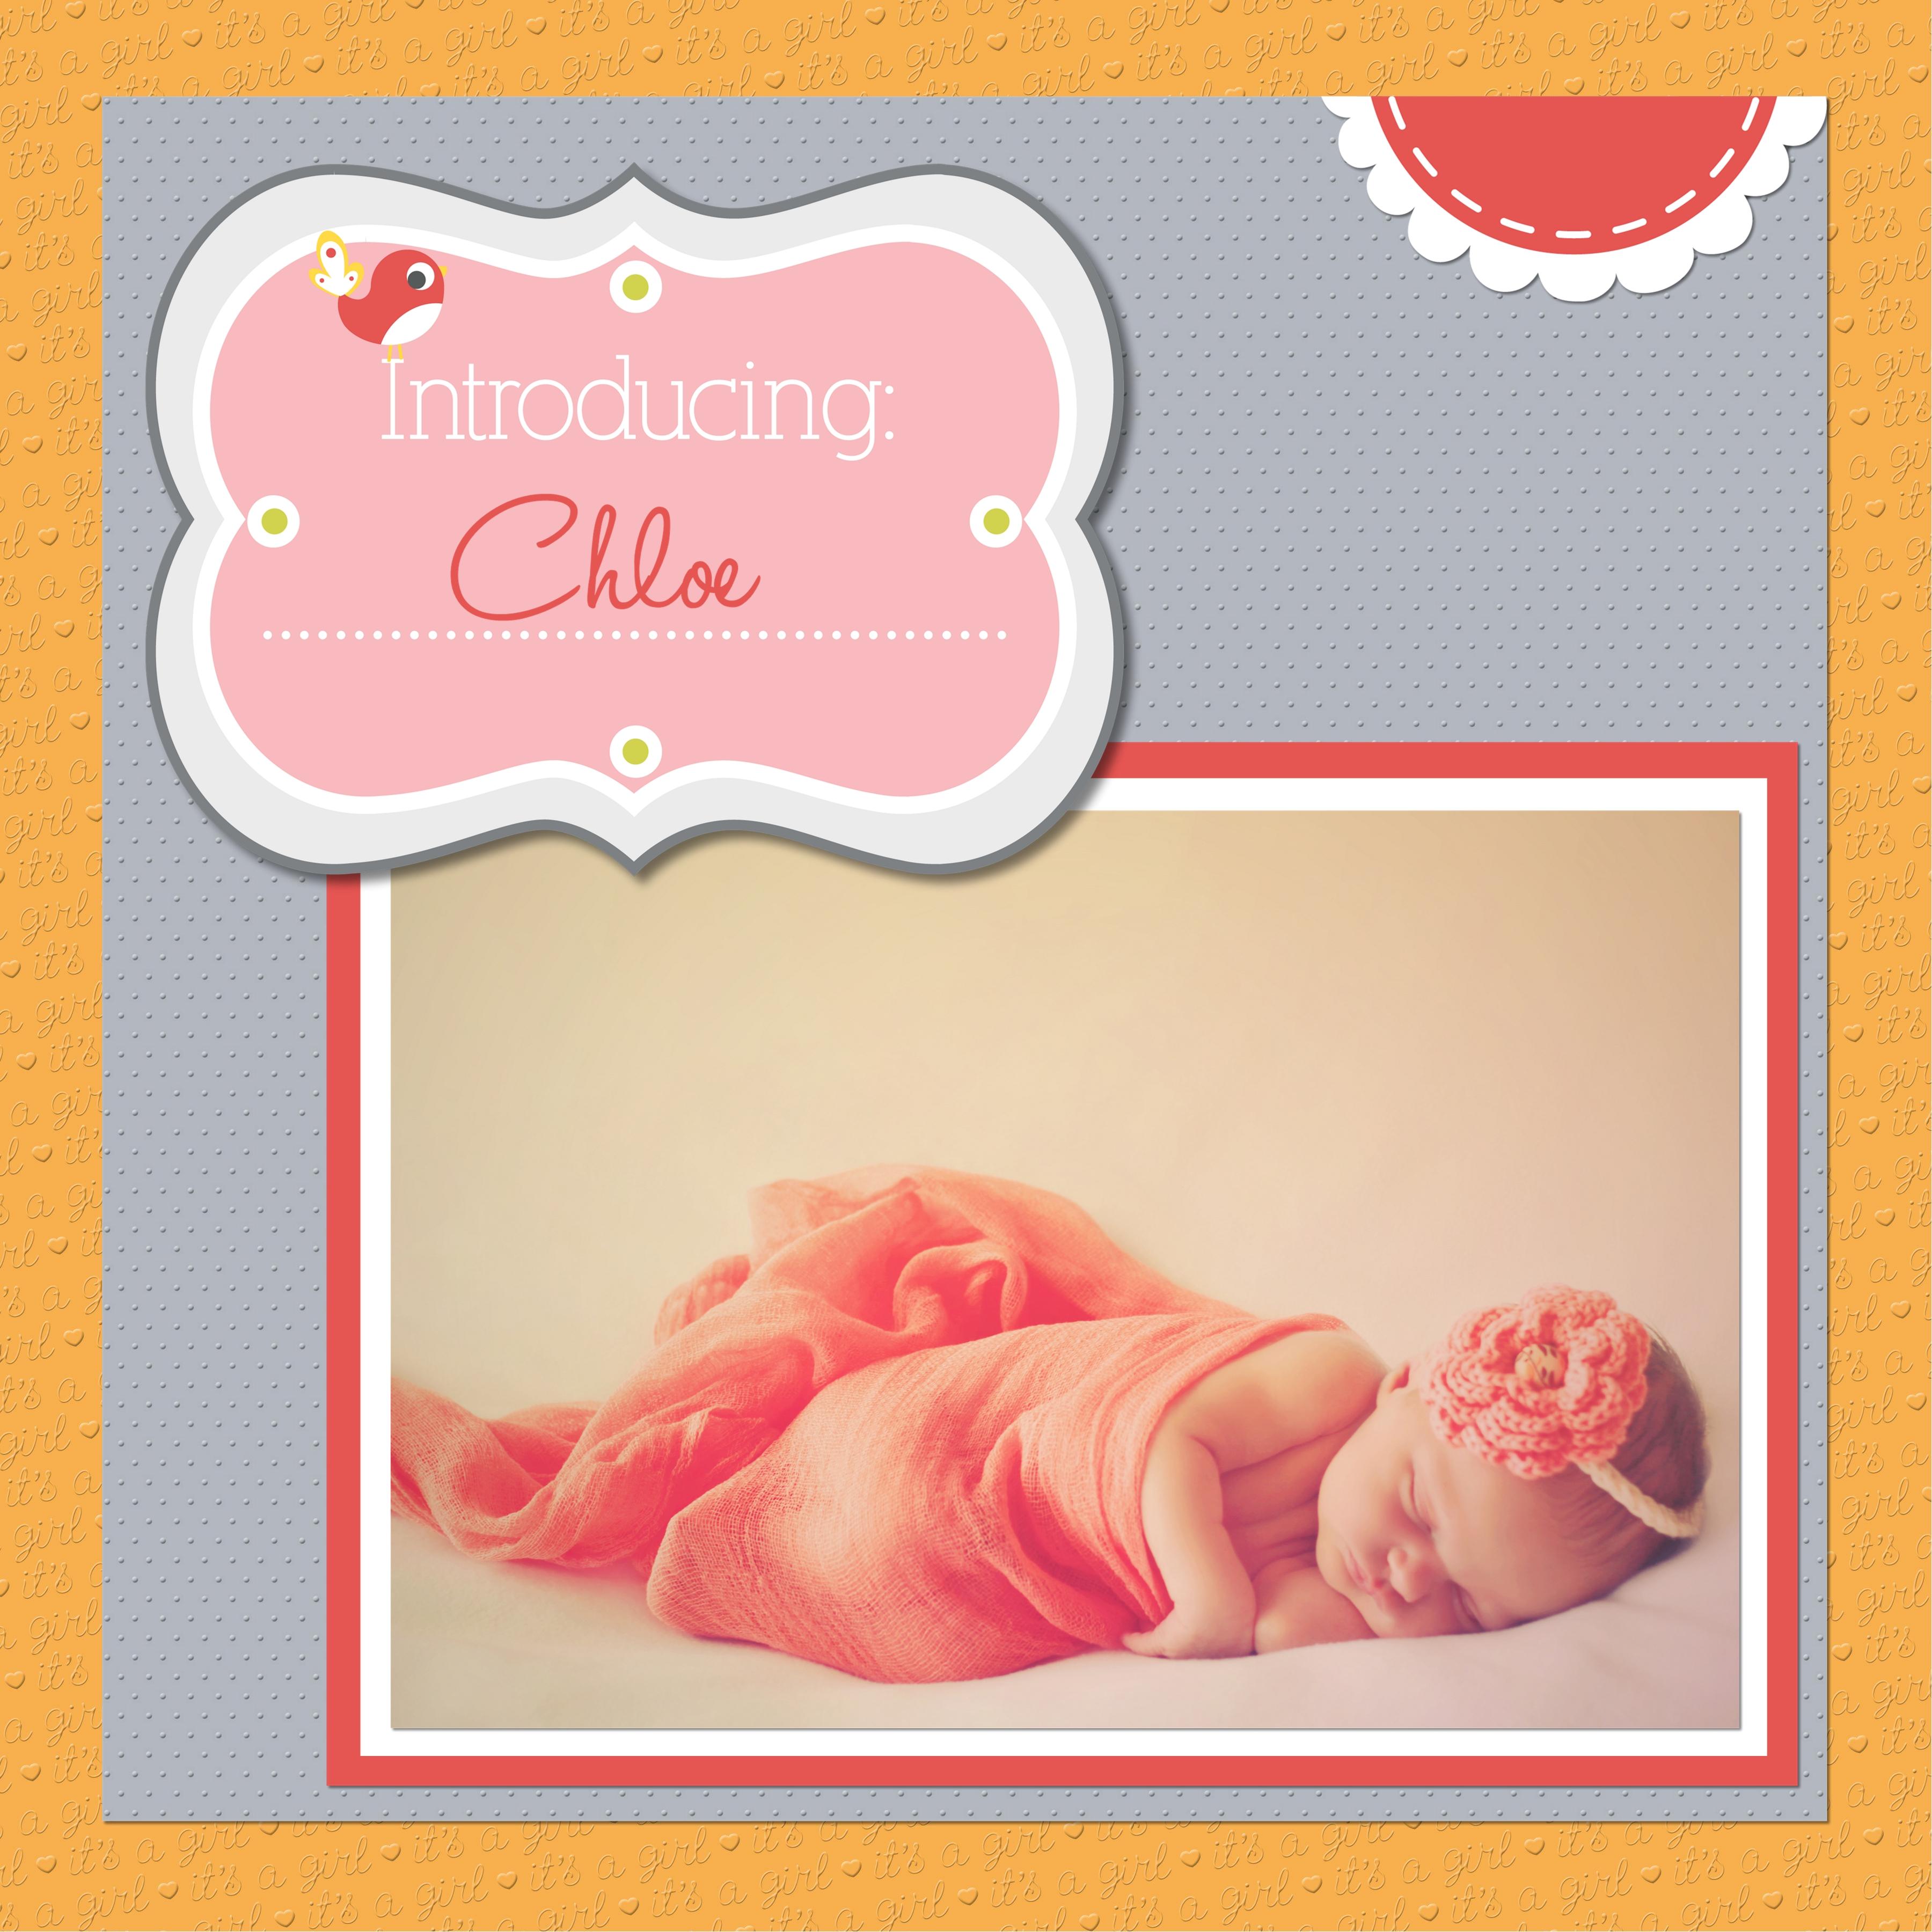 BabyGirl - Page 001.jpg